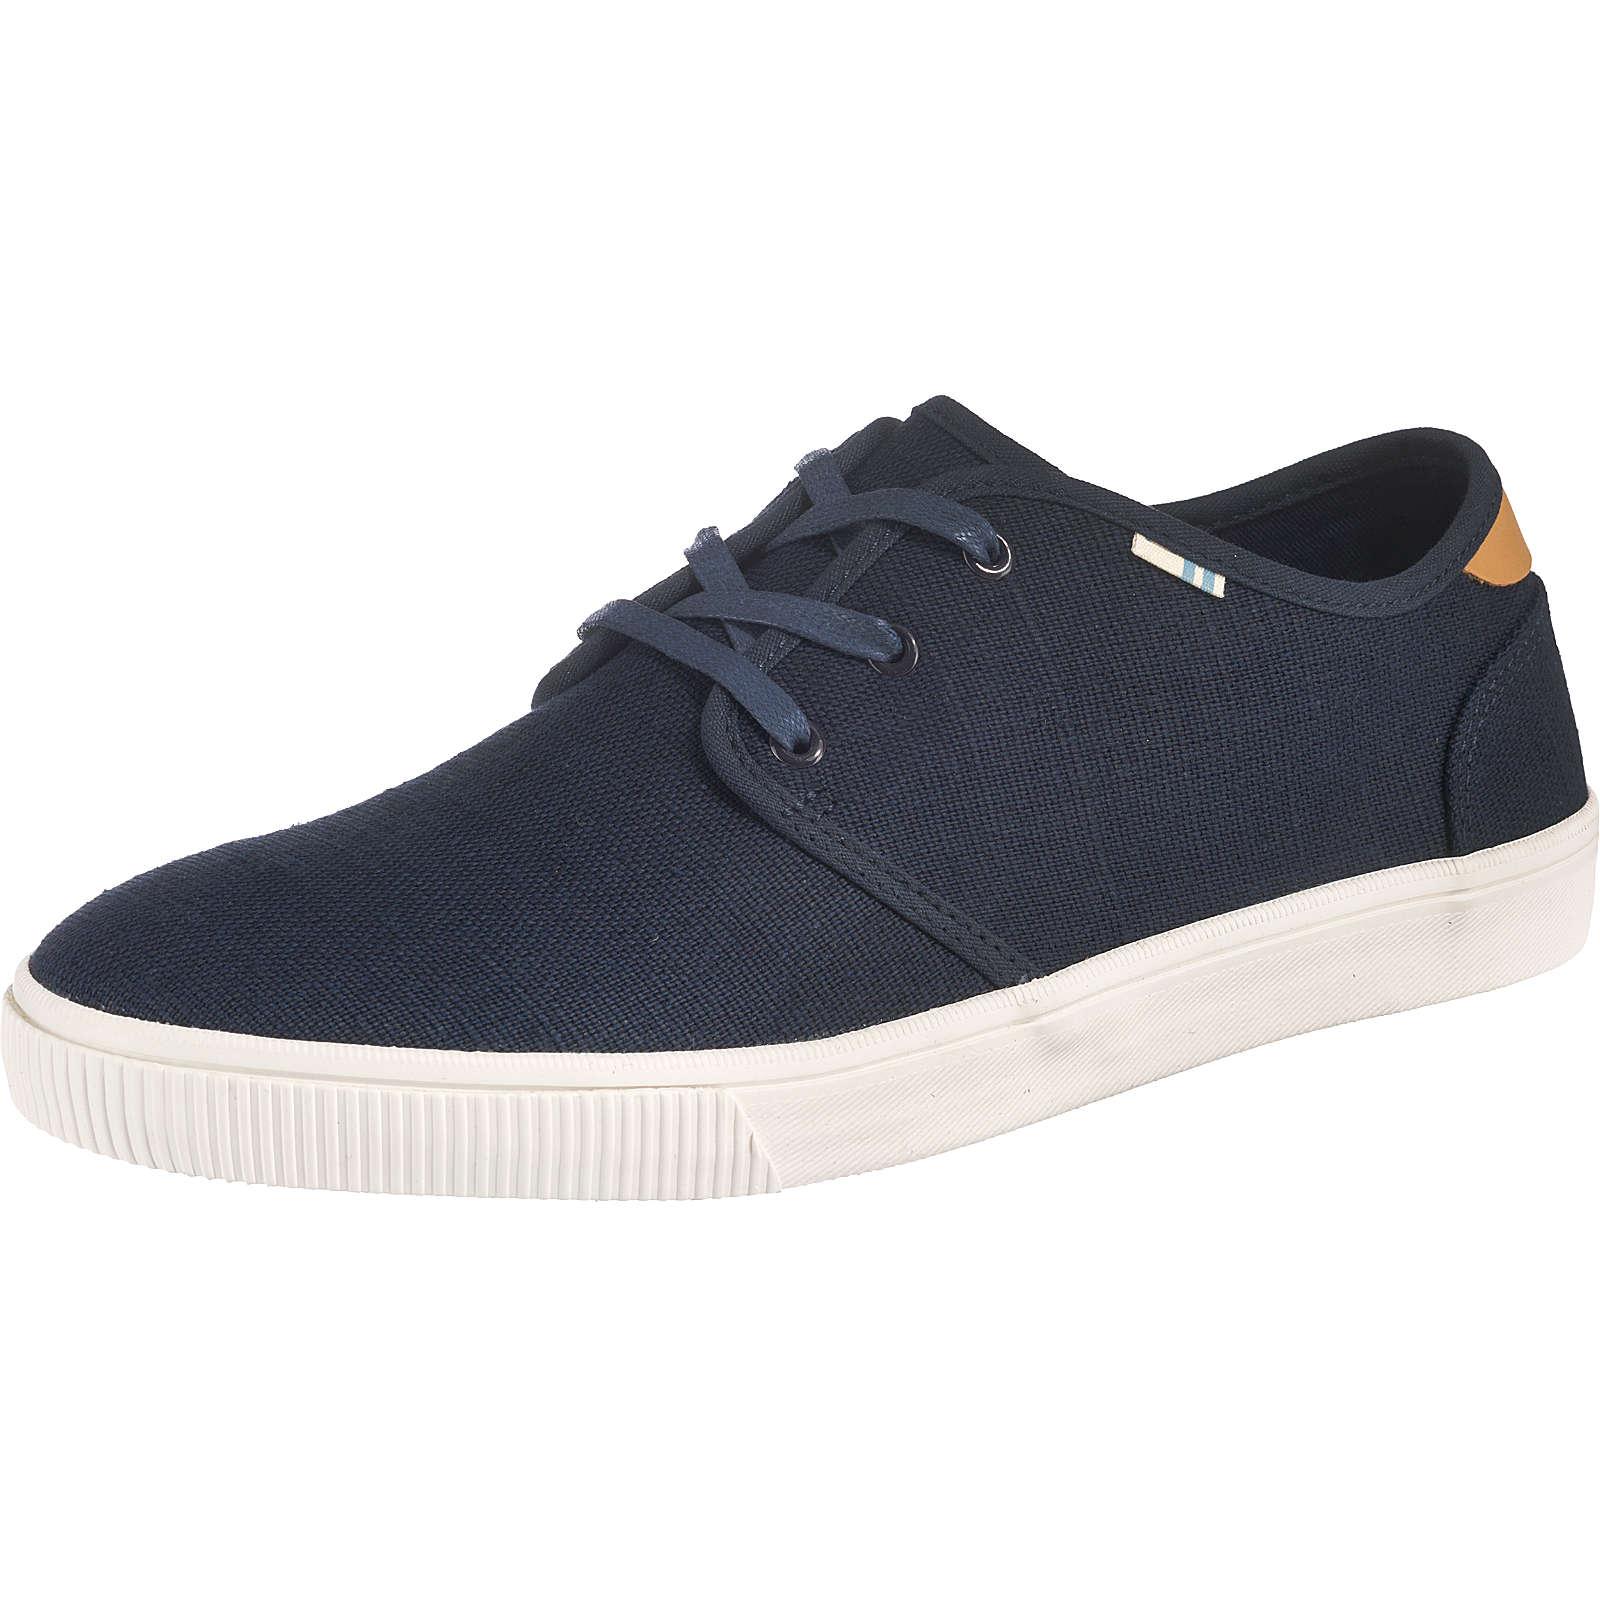 TOMS Carlo Sneakers Low dunkelblau Herren Gr. 43